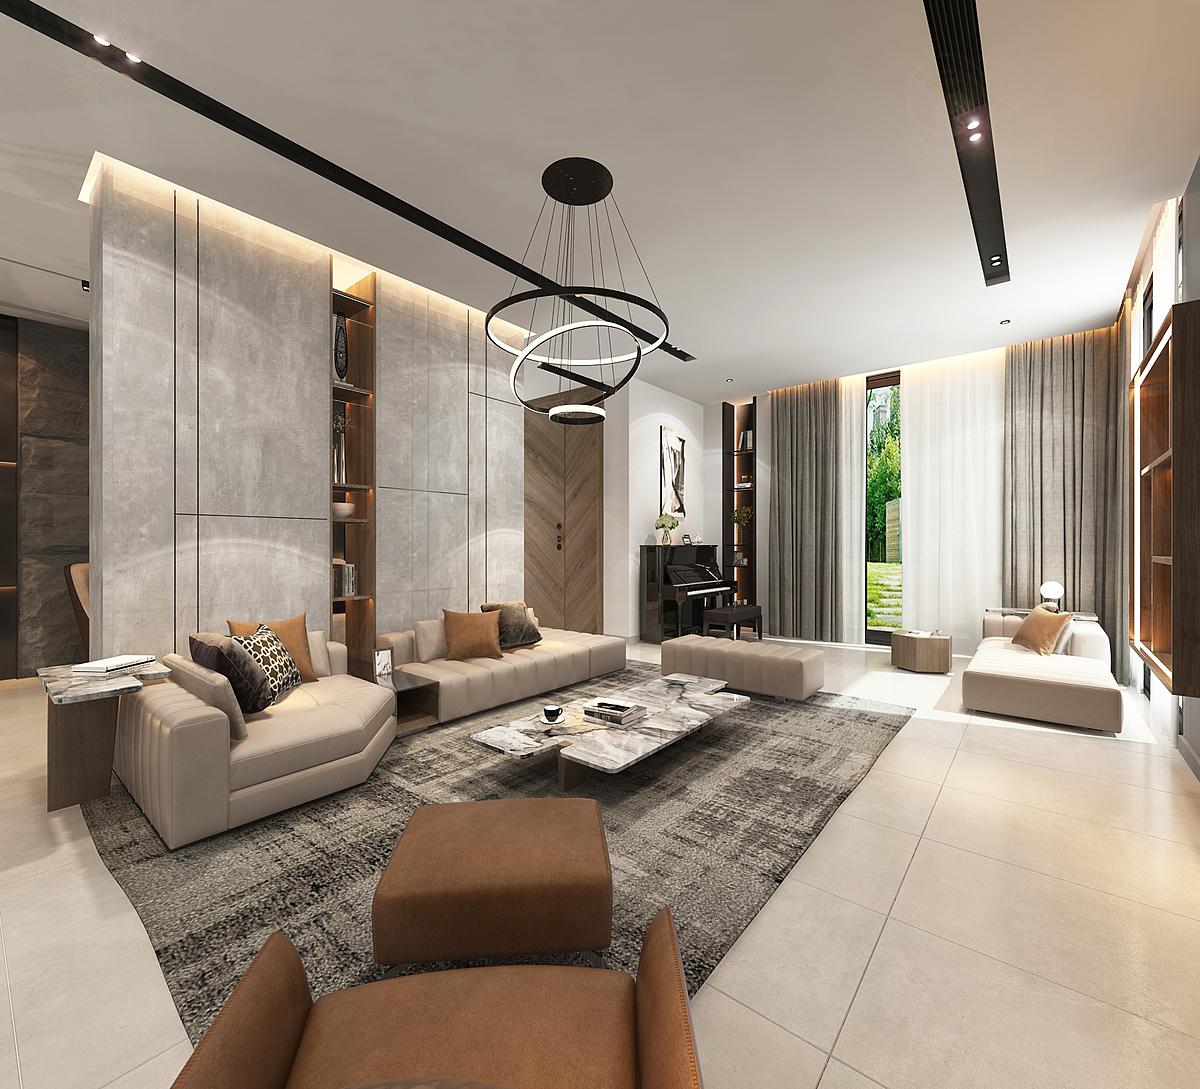 Biệt thự Aqua City Villa phong cách hiện đại sử dụng ngôn ngữ kiến trúc với hình khối mạnh mẽ, dứt khoát tạo vẻ năng động hiện đại, mang điểm nhấn cho dự án. Tông màu trắng - xám chủ đạo đồng bộ từ kiến trúc đến nội thất thể hiện nét cá tính ấn tượng cho toàn bộ không gian sống.